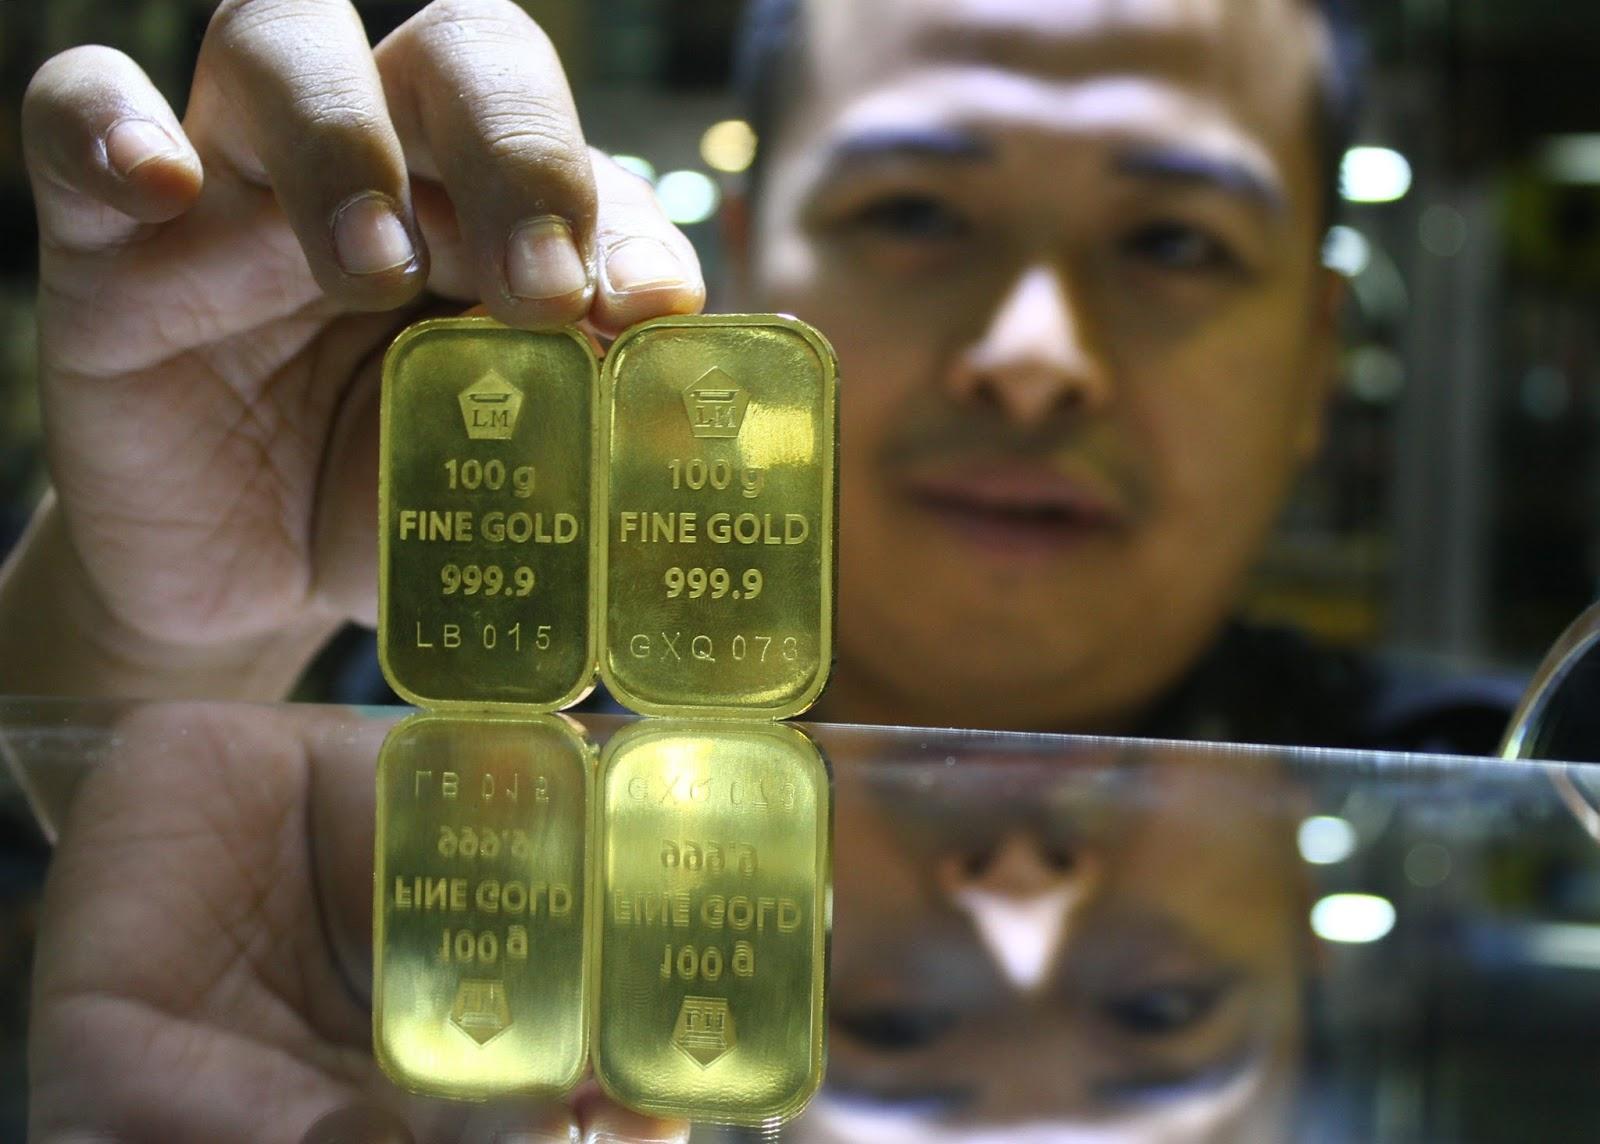 Pinjam Duit Online: Cek Harga Emas Batangan untuk ...